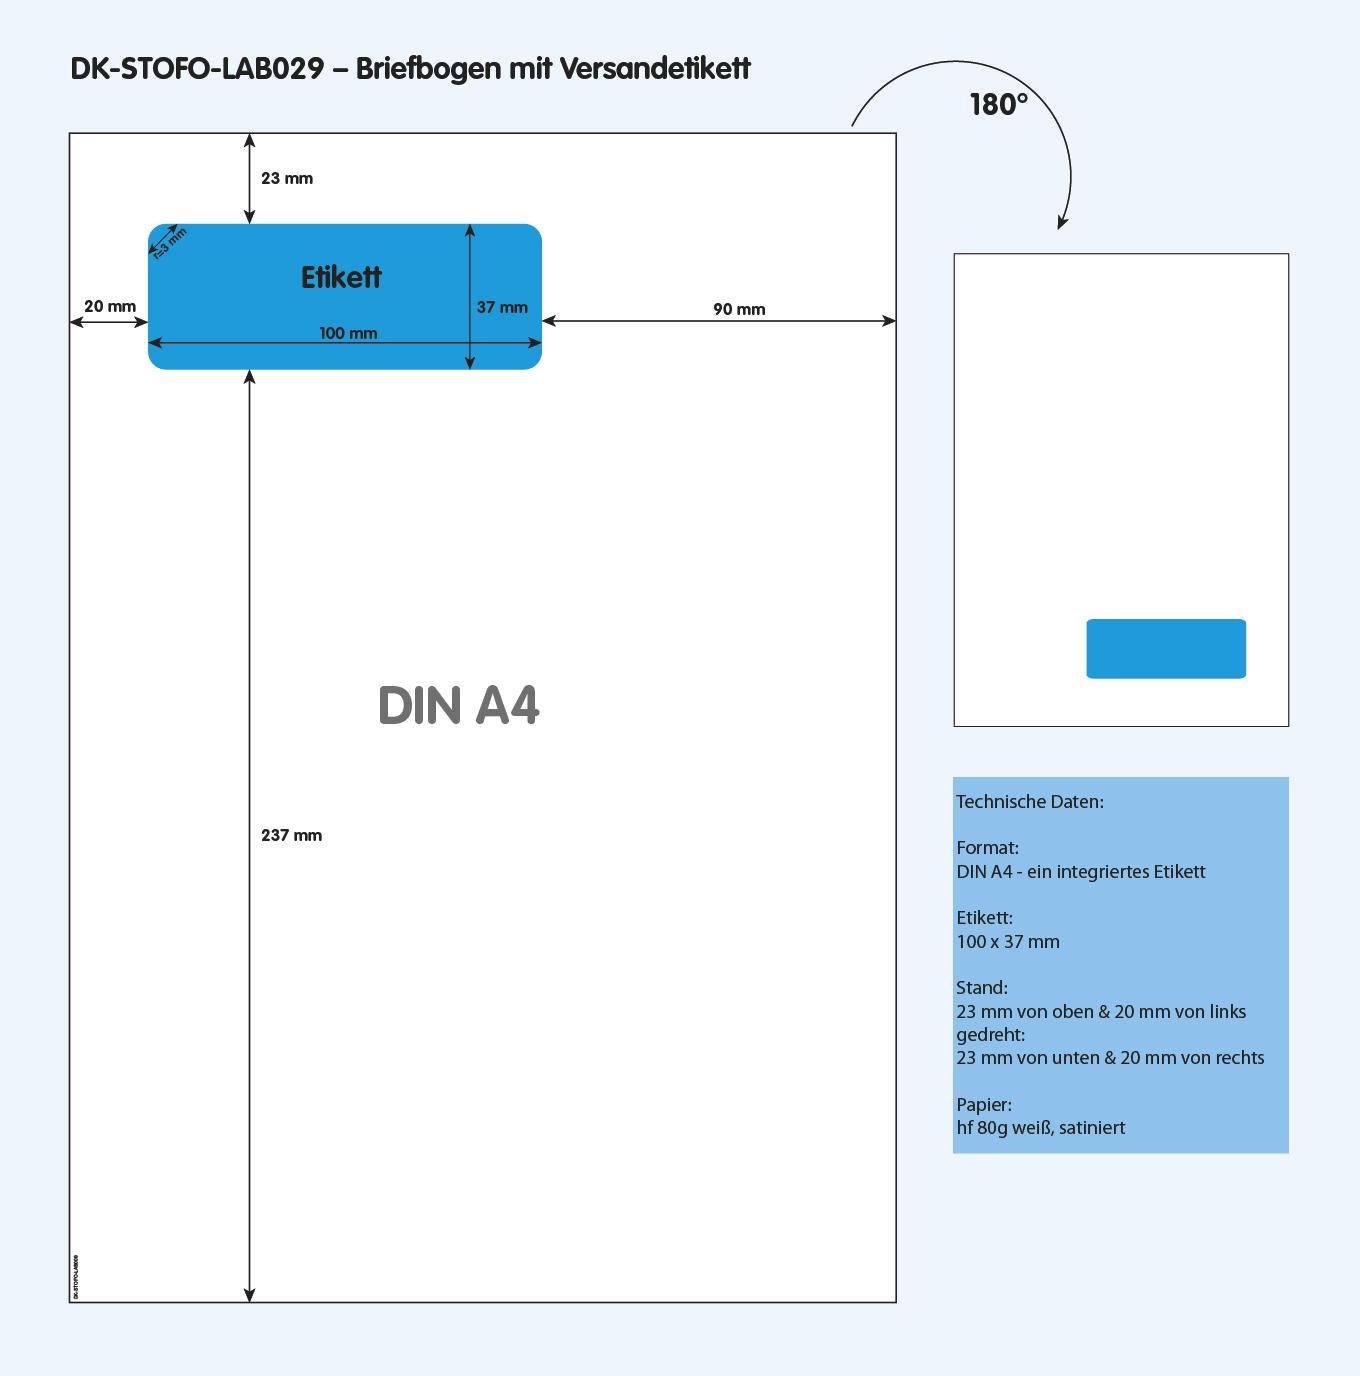 DK-STOFO-LAB029 - technische Zeichnung